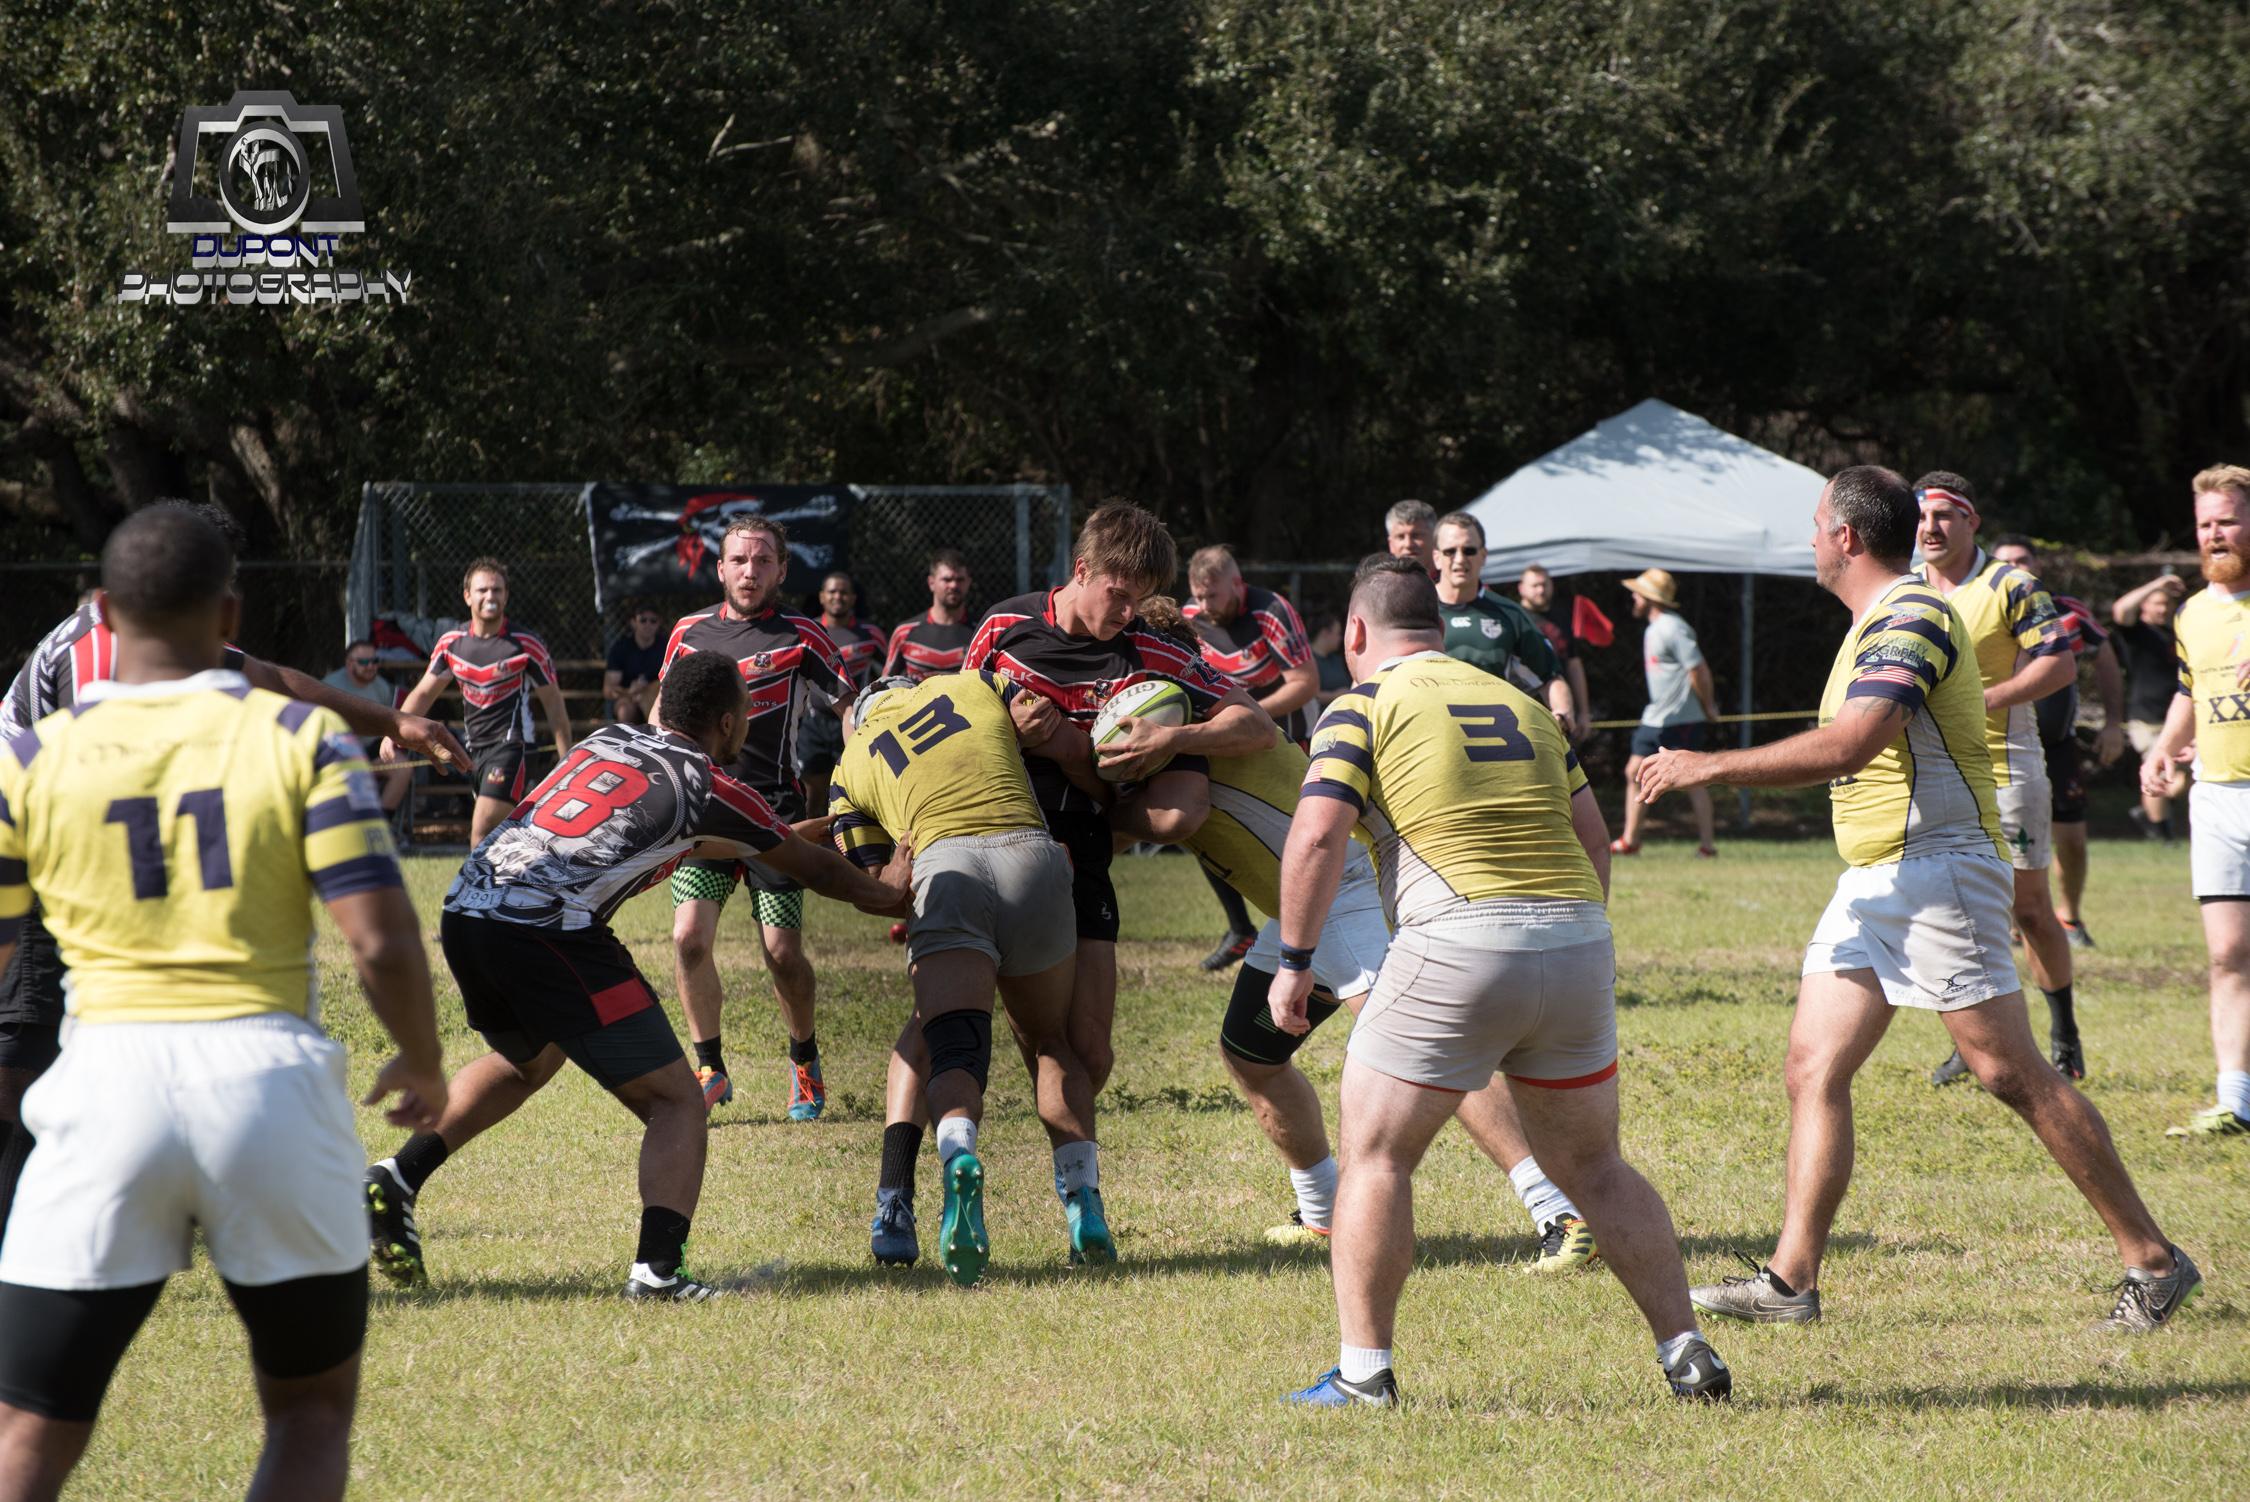 2019-01-19 Rugby-187-4.jpg